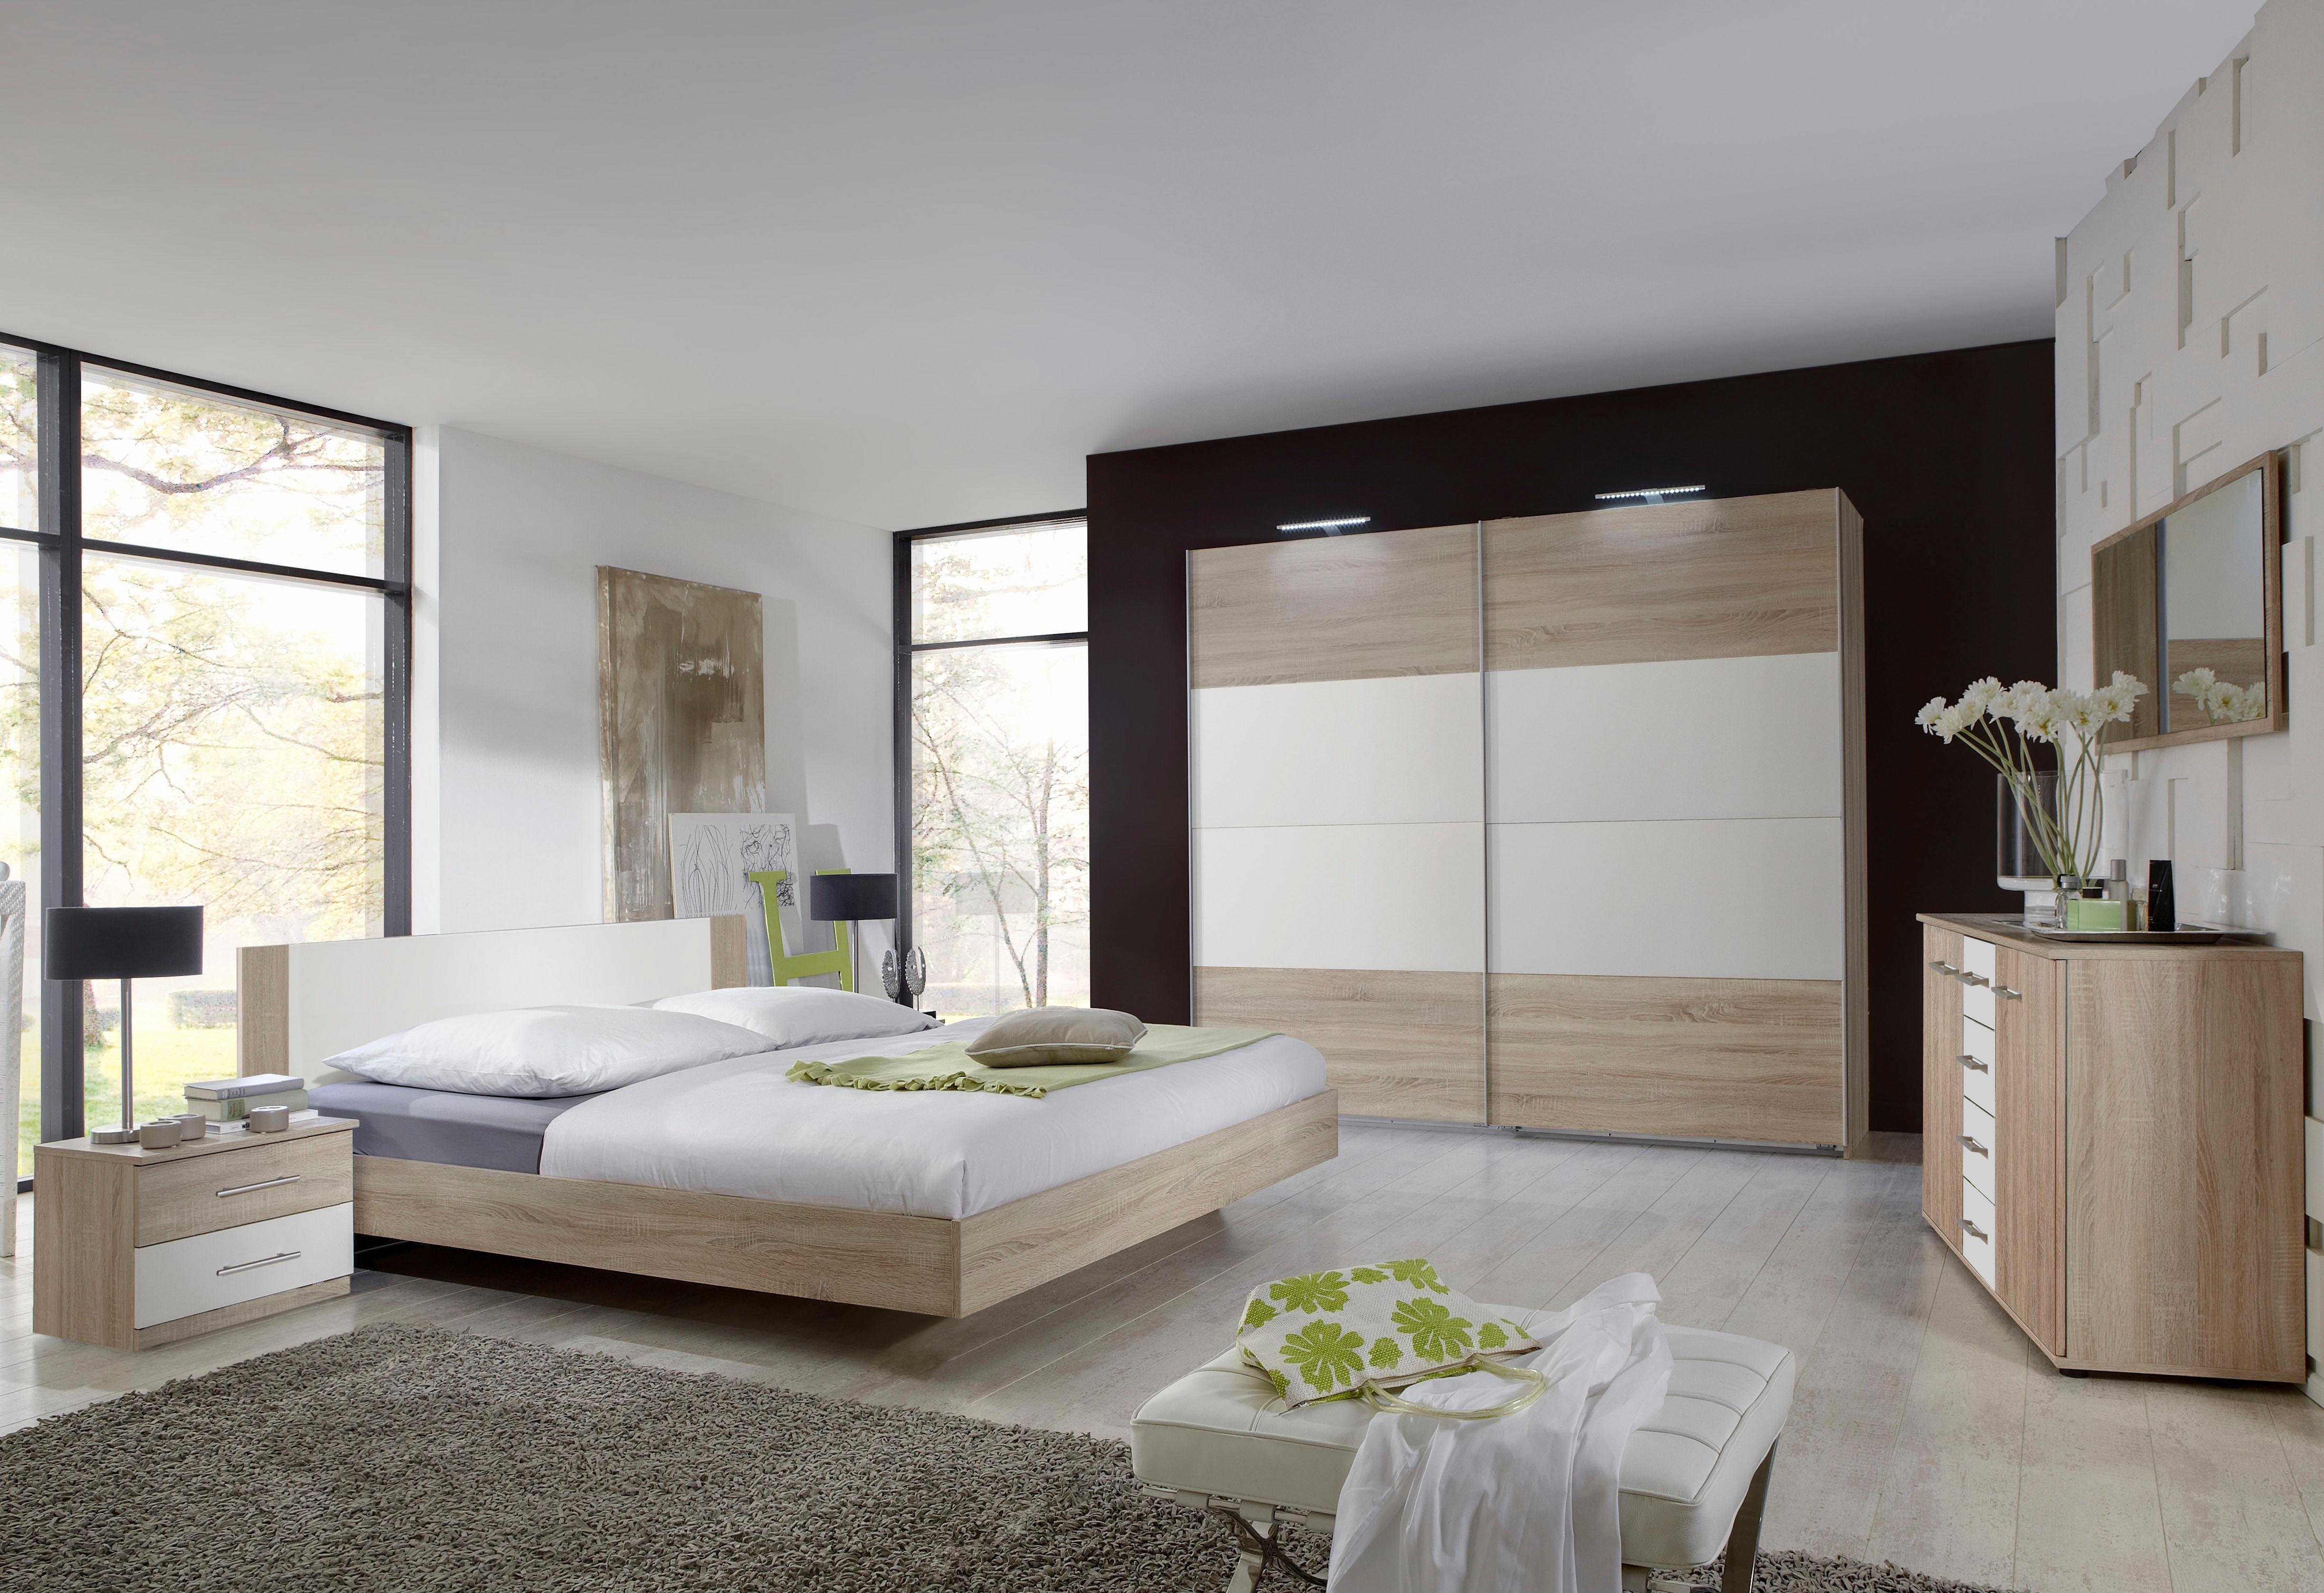 Complete Slaapkamer Creme.Complete Slaapkamer Online Bestellen Dat Doe Je In Onze